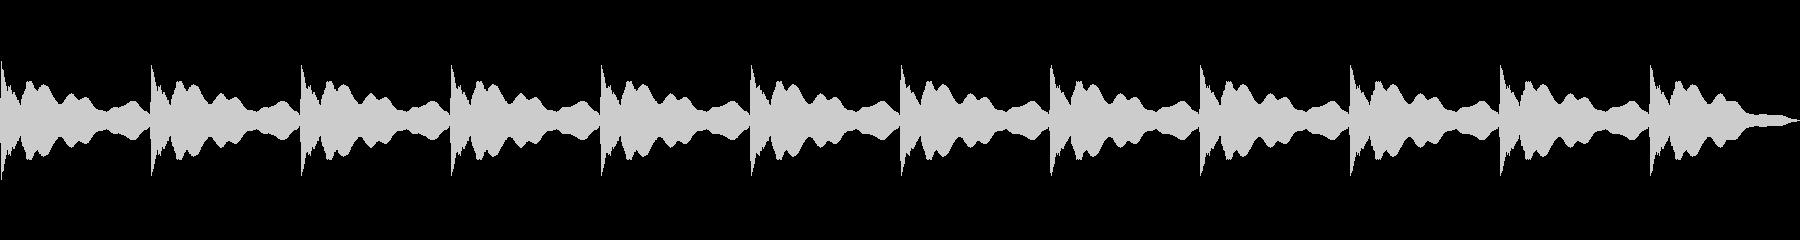 低音が鳴るソナービープ音、SCI ...の未再生の波形